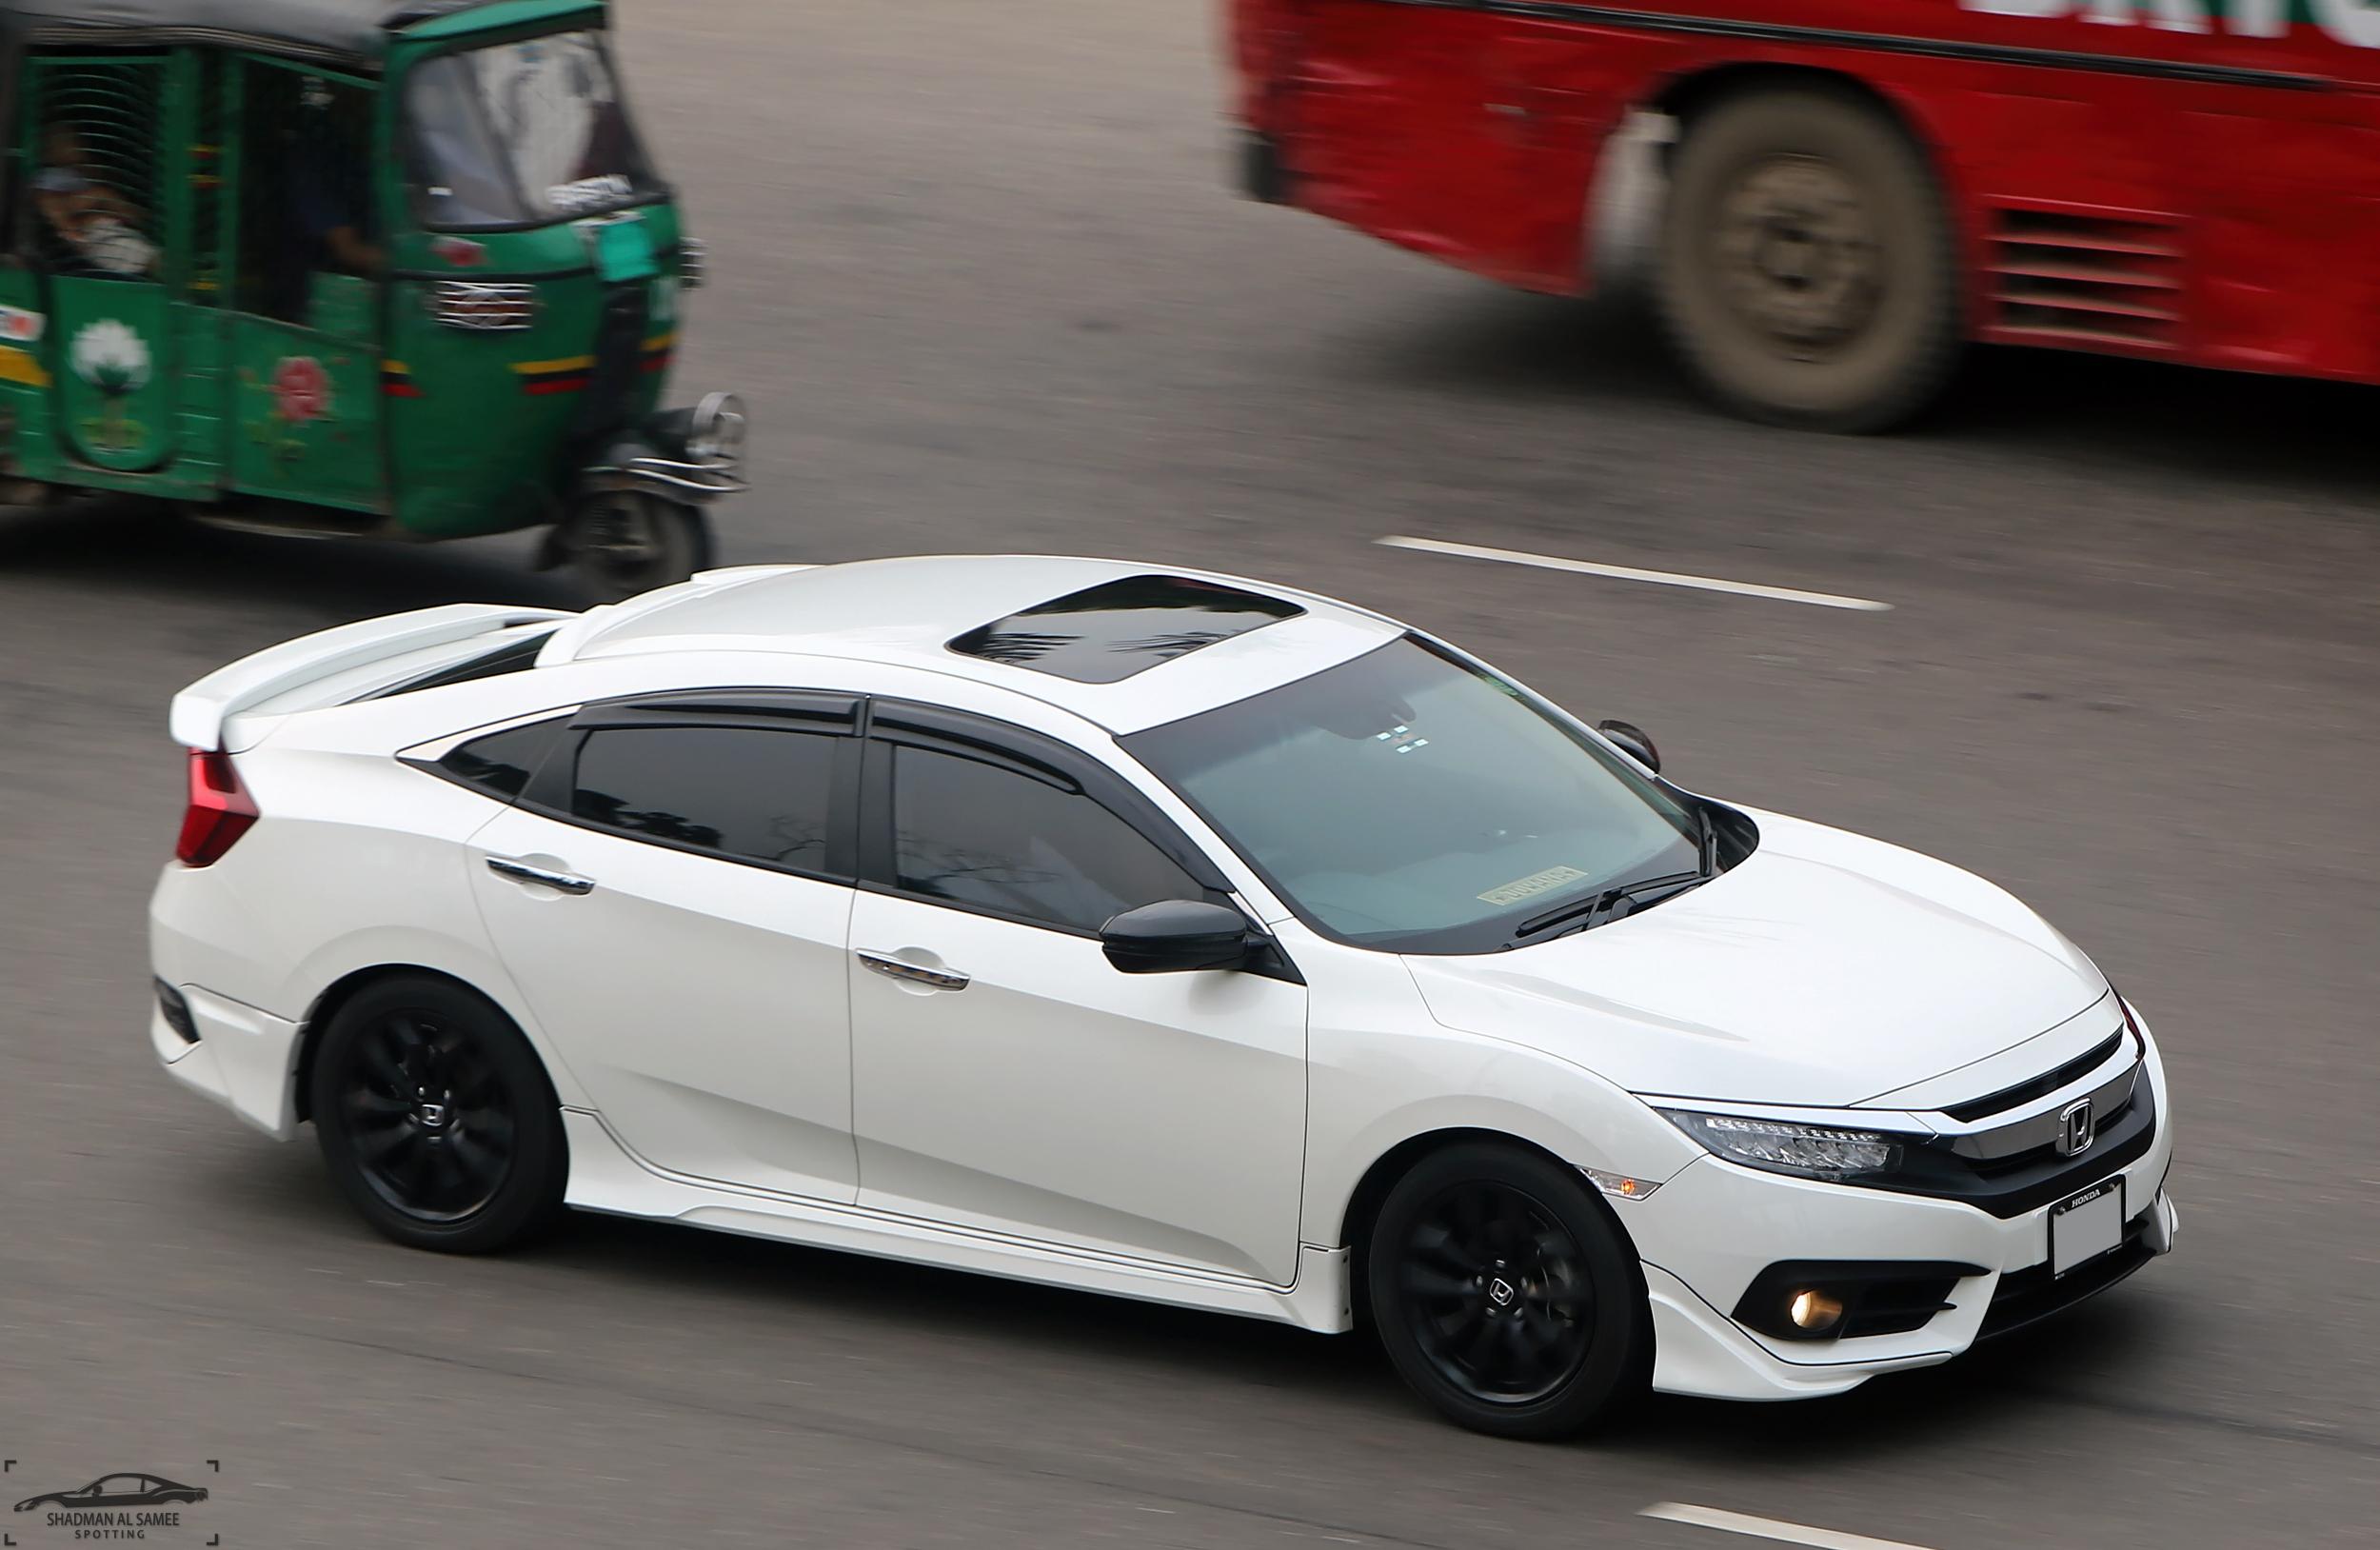 Kelebihan Kekurangan Harga Civic Turbo 2019 Spesifikasi